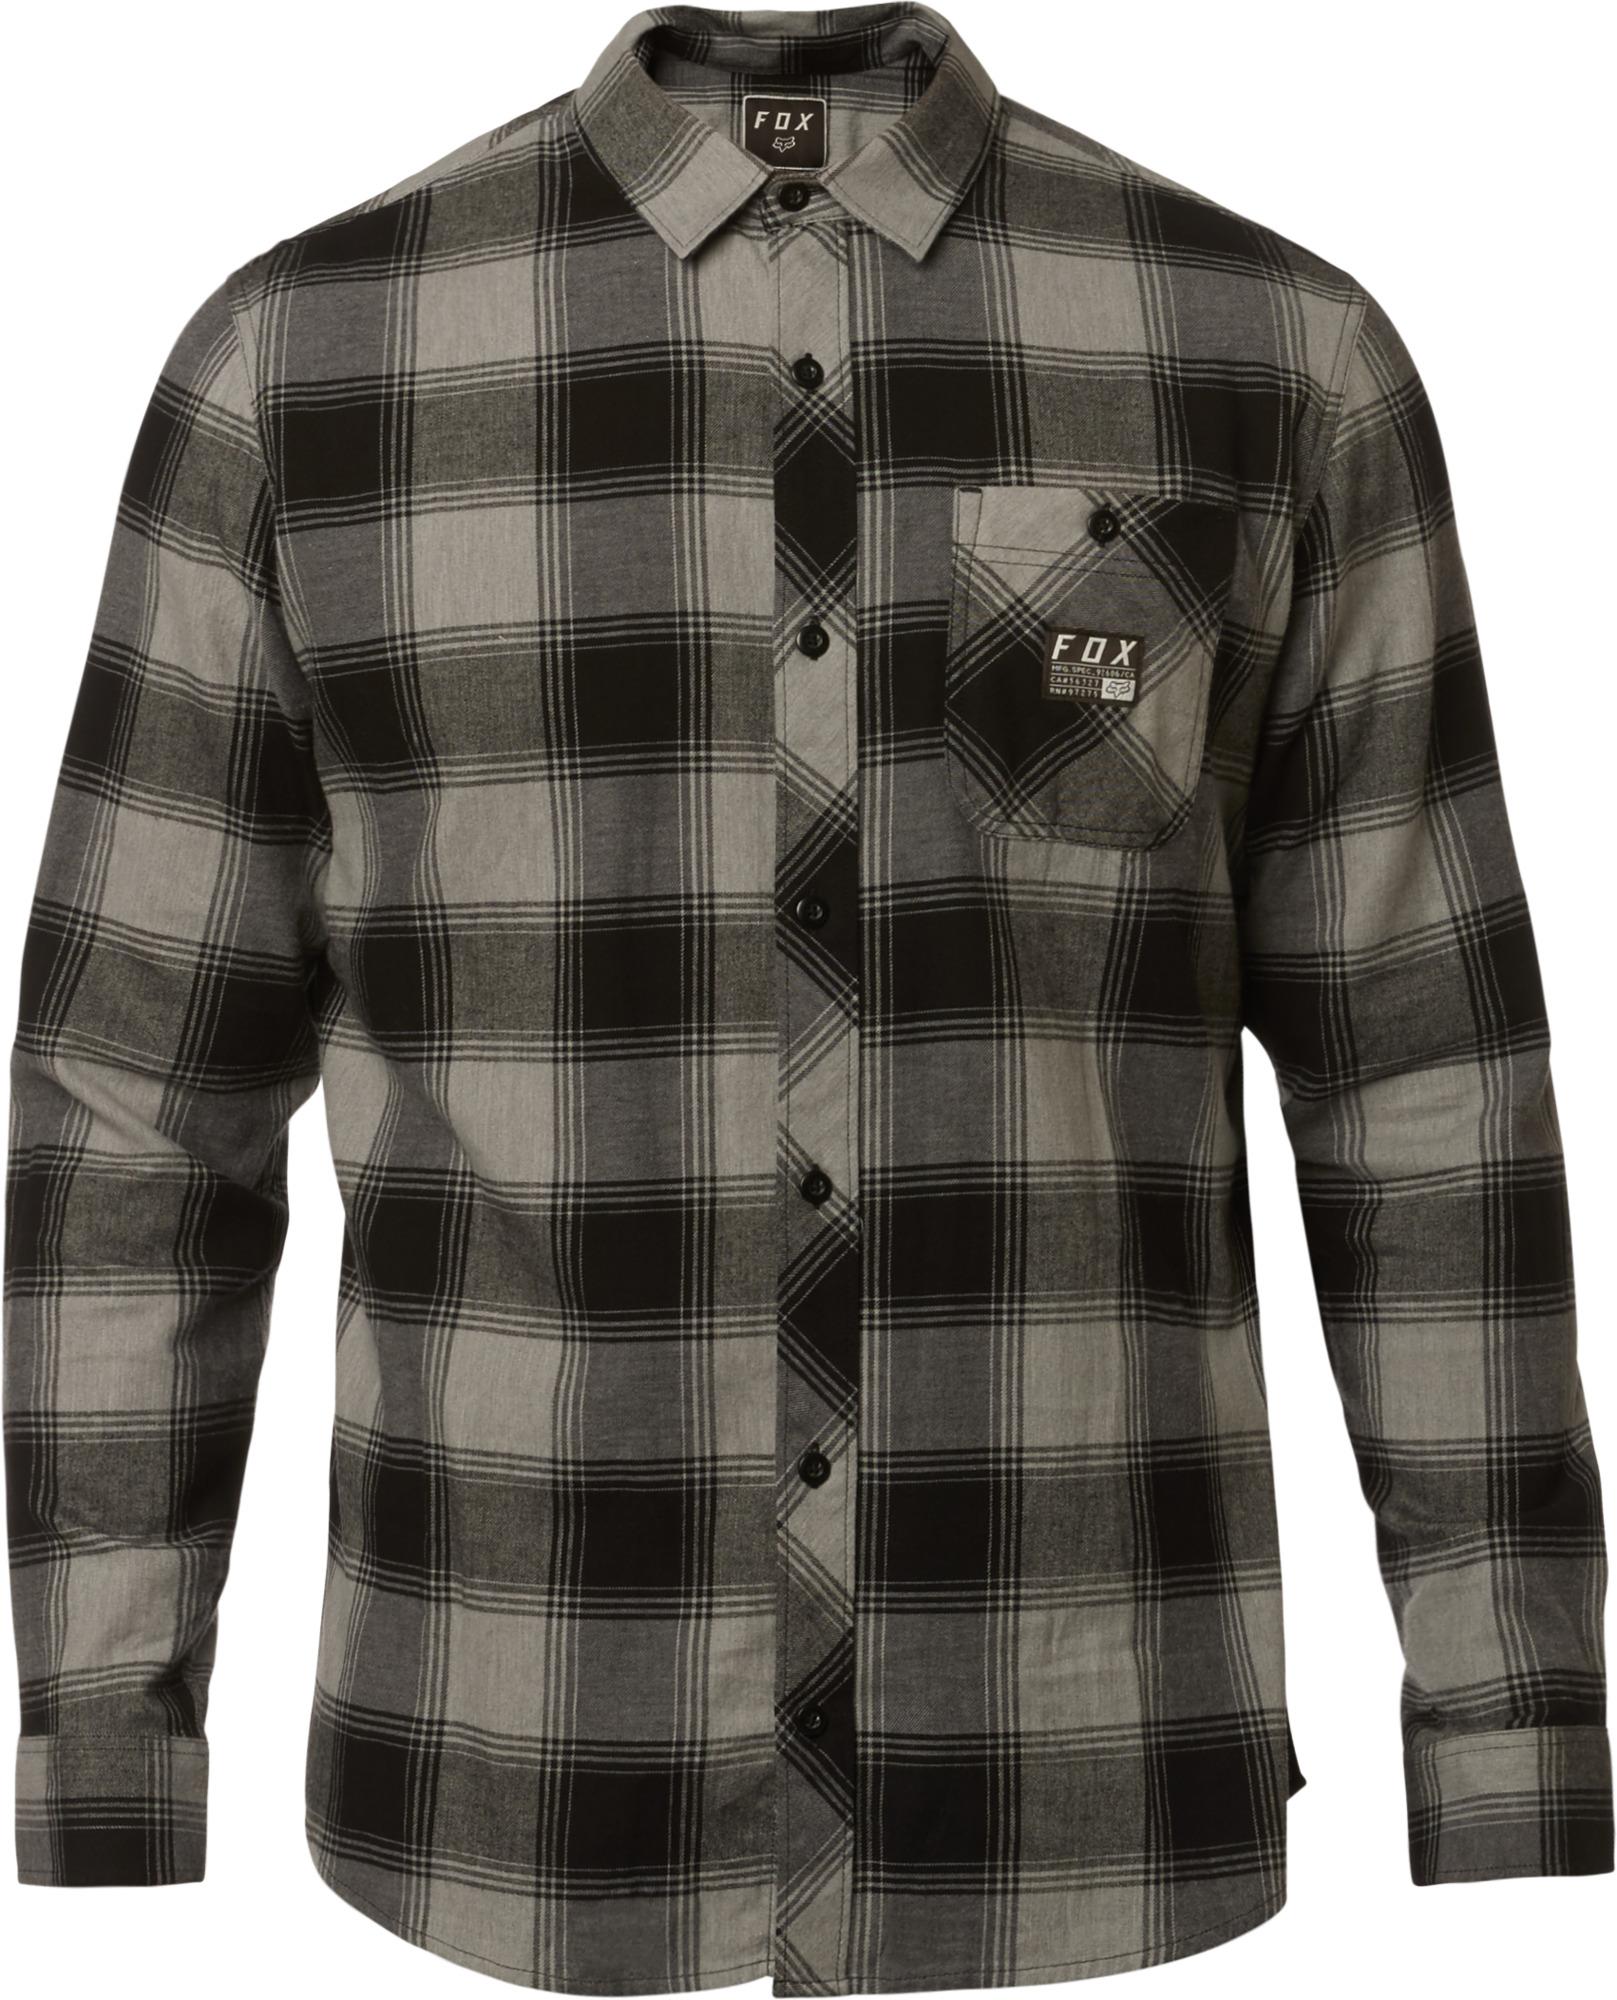 4bef8a9a3 Fox Longview Lightweight LS Flannel Shirt Heather Graphite